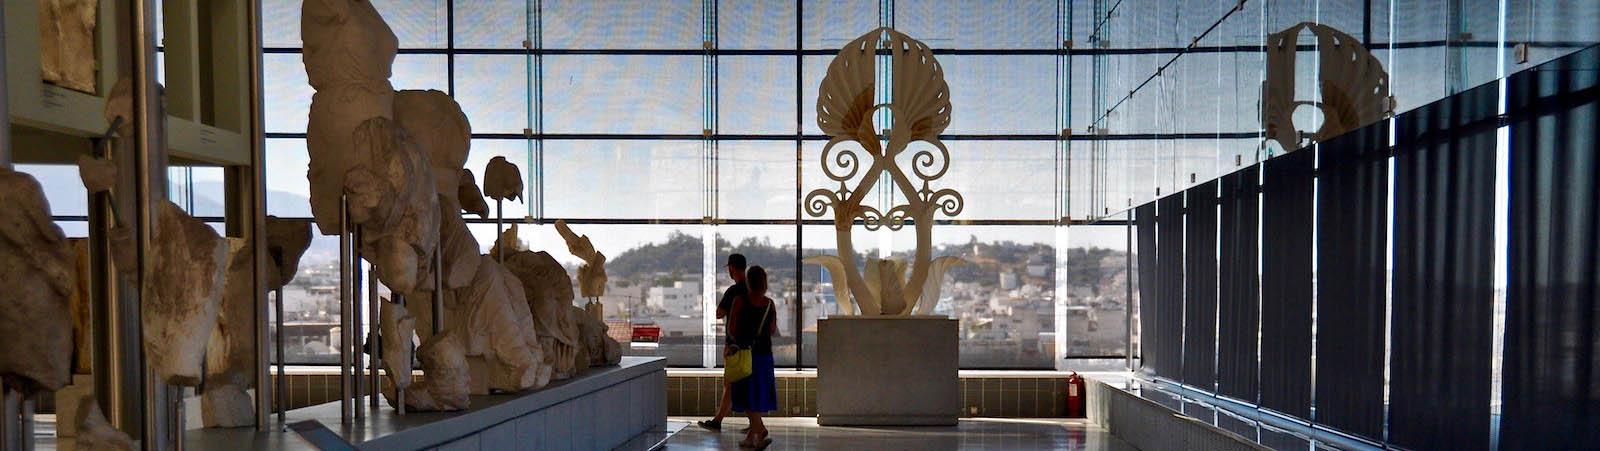 Новый музей Акрополя в Афинах